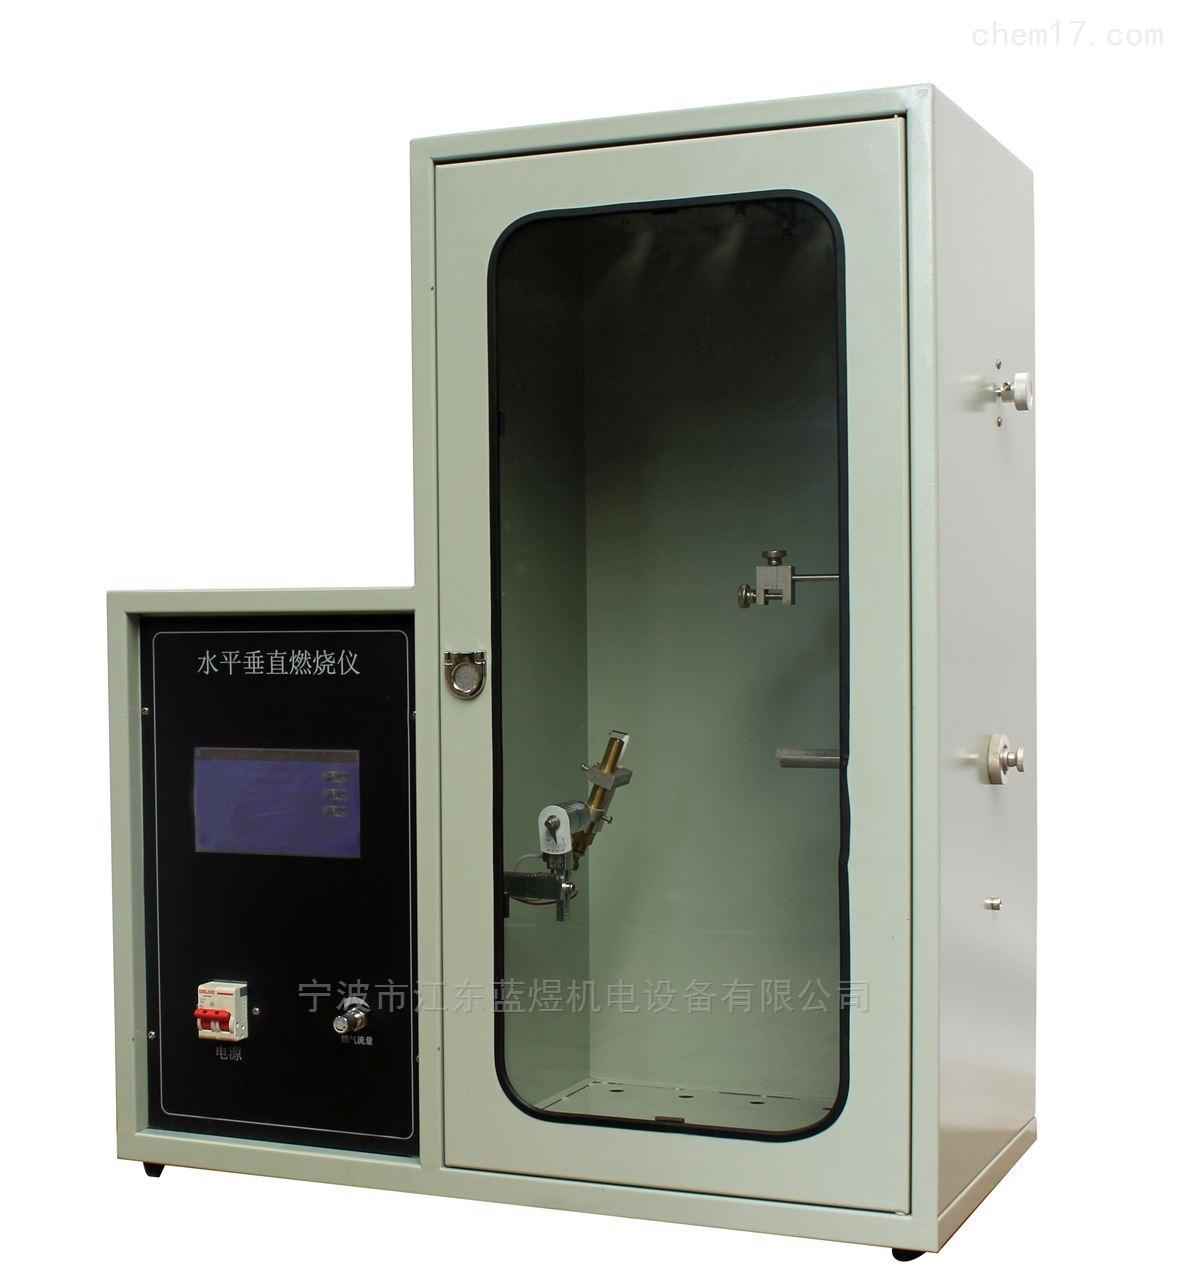 触摸屏控制款型水平垂直燃烧测试仪